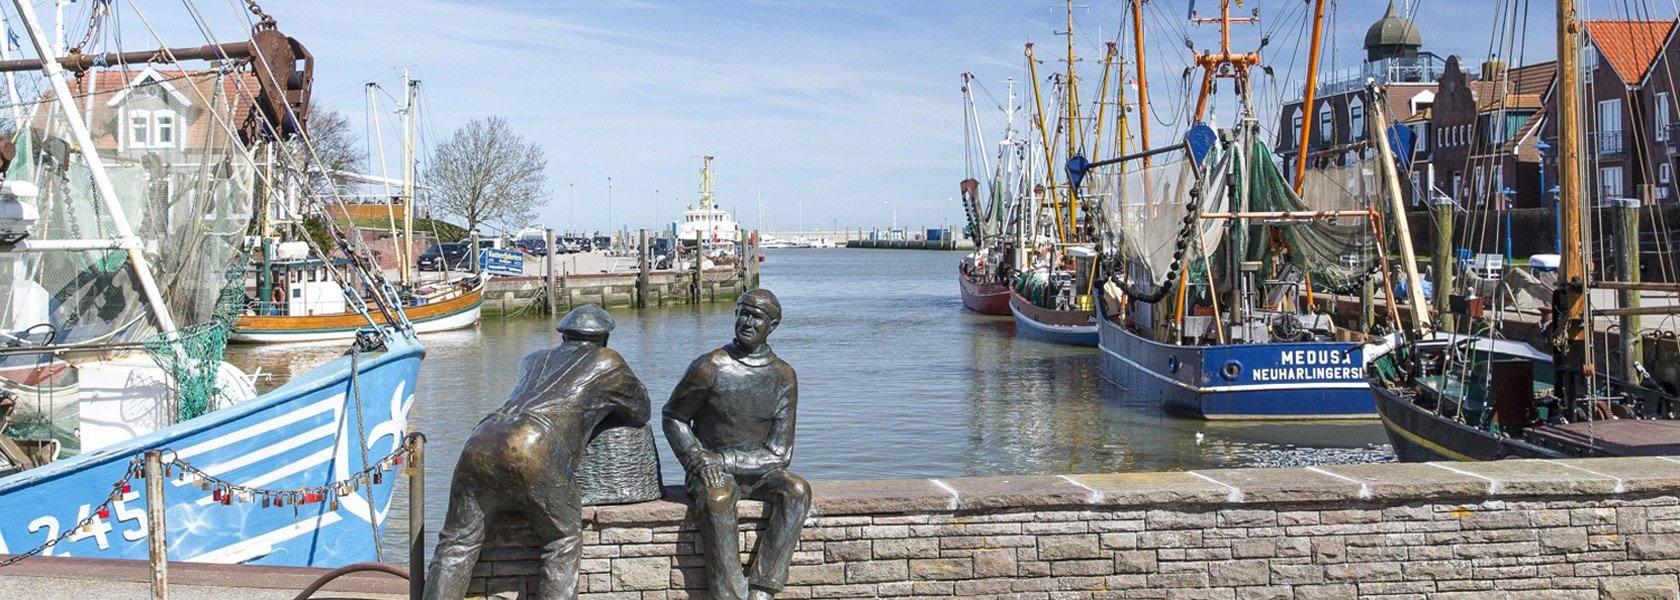 Hafen in Neuharlingersiel, © Kurverein Neuharlingersiel e.V.